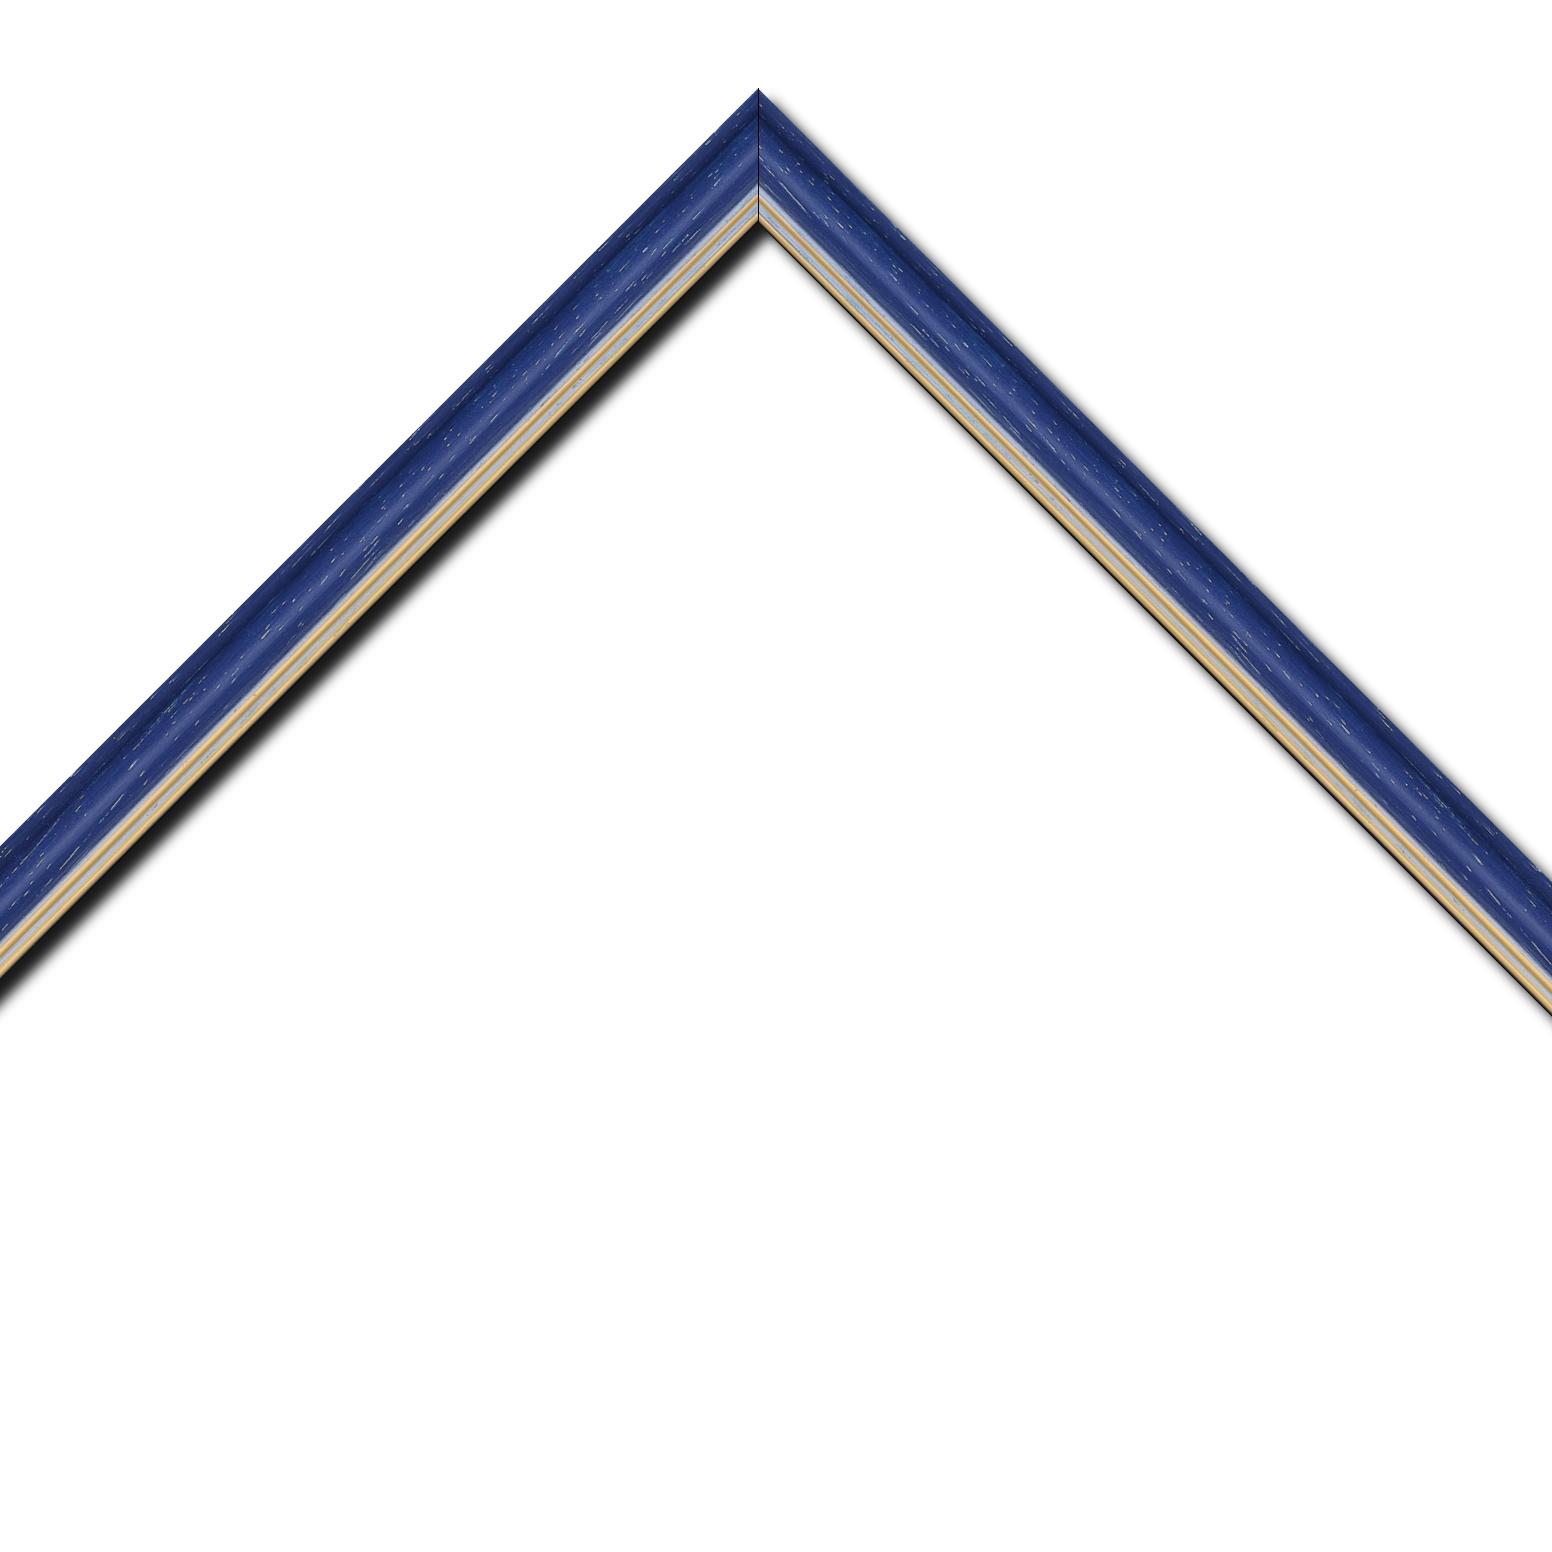 Baguette bois profil doucine inversée largeur 2.3cm bleu cérusé double filet or